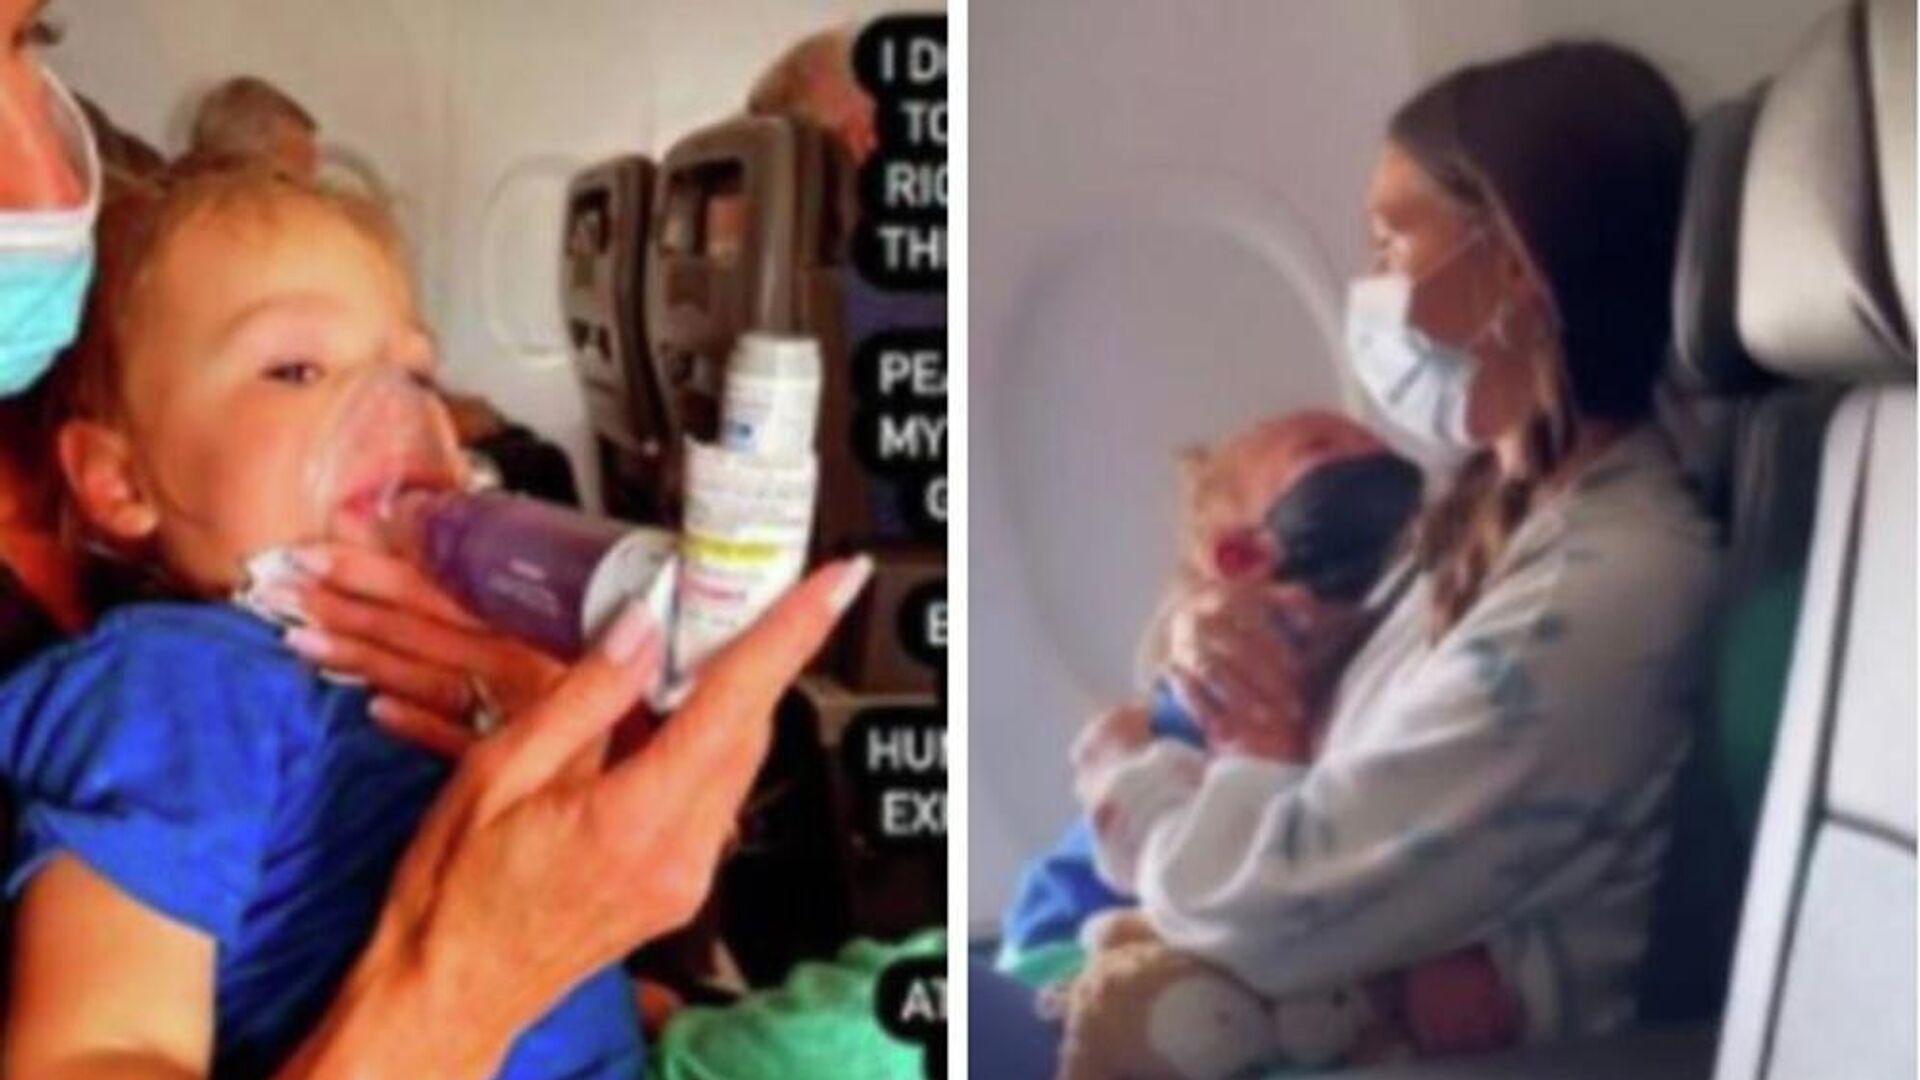 Κατέβασαν μαμά από πτήση γιατί το ασθματικό μωρό της δεν φορούσε μάσκα - Sputnik Ελλάδα, 1920, 17.09.2021